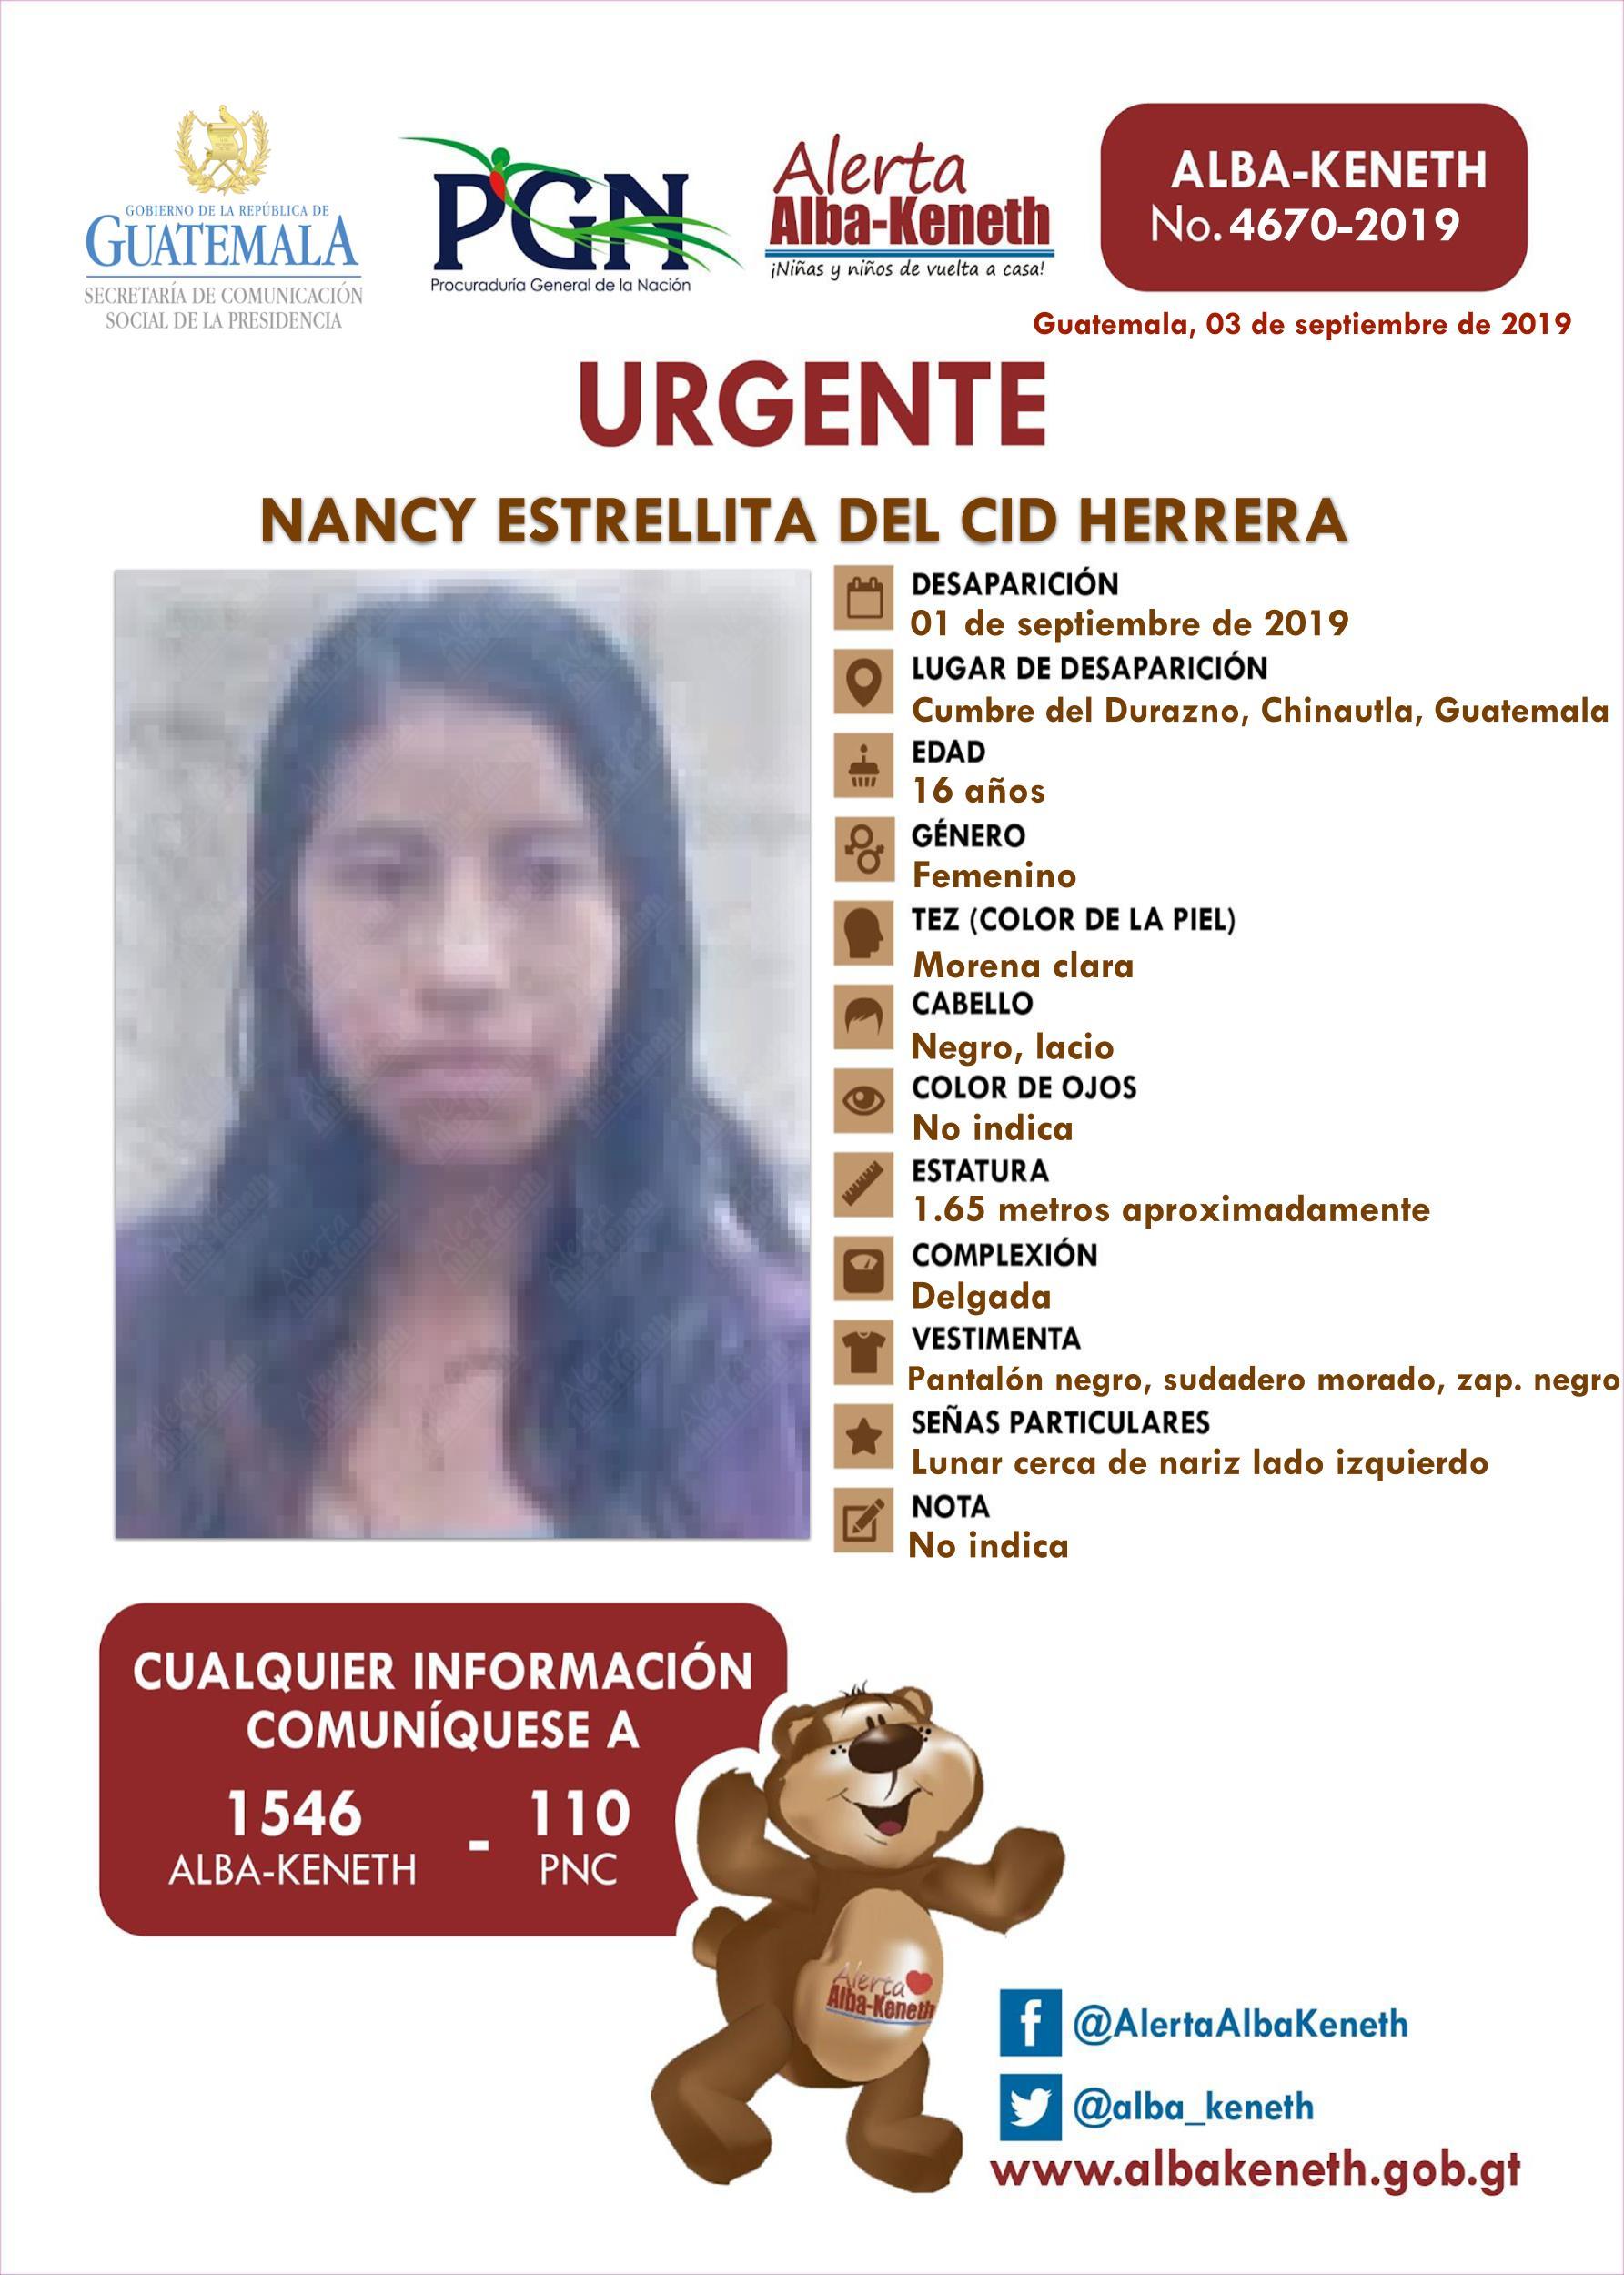 Nancy Estrellita del Cid Herrera